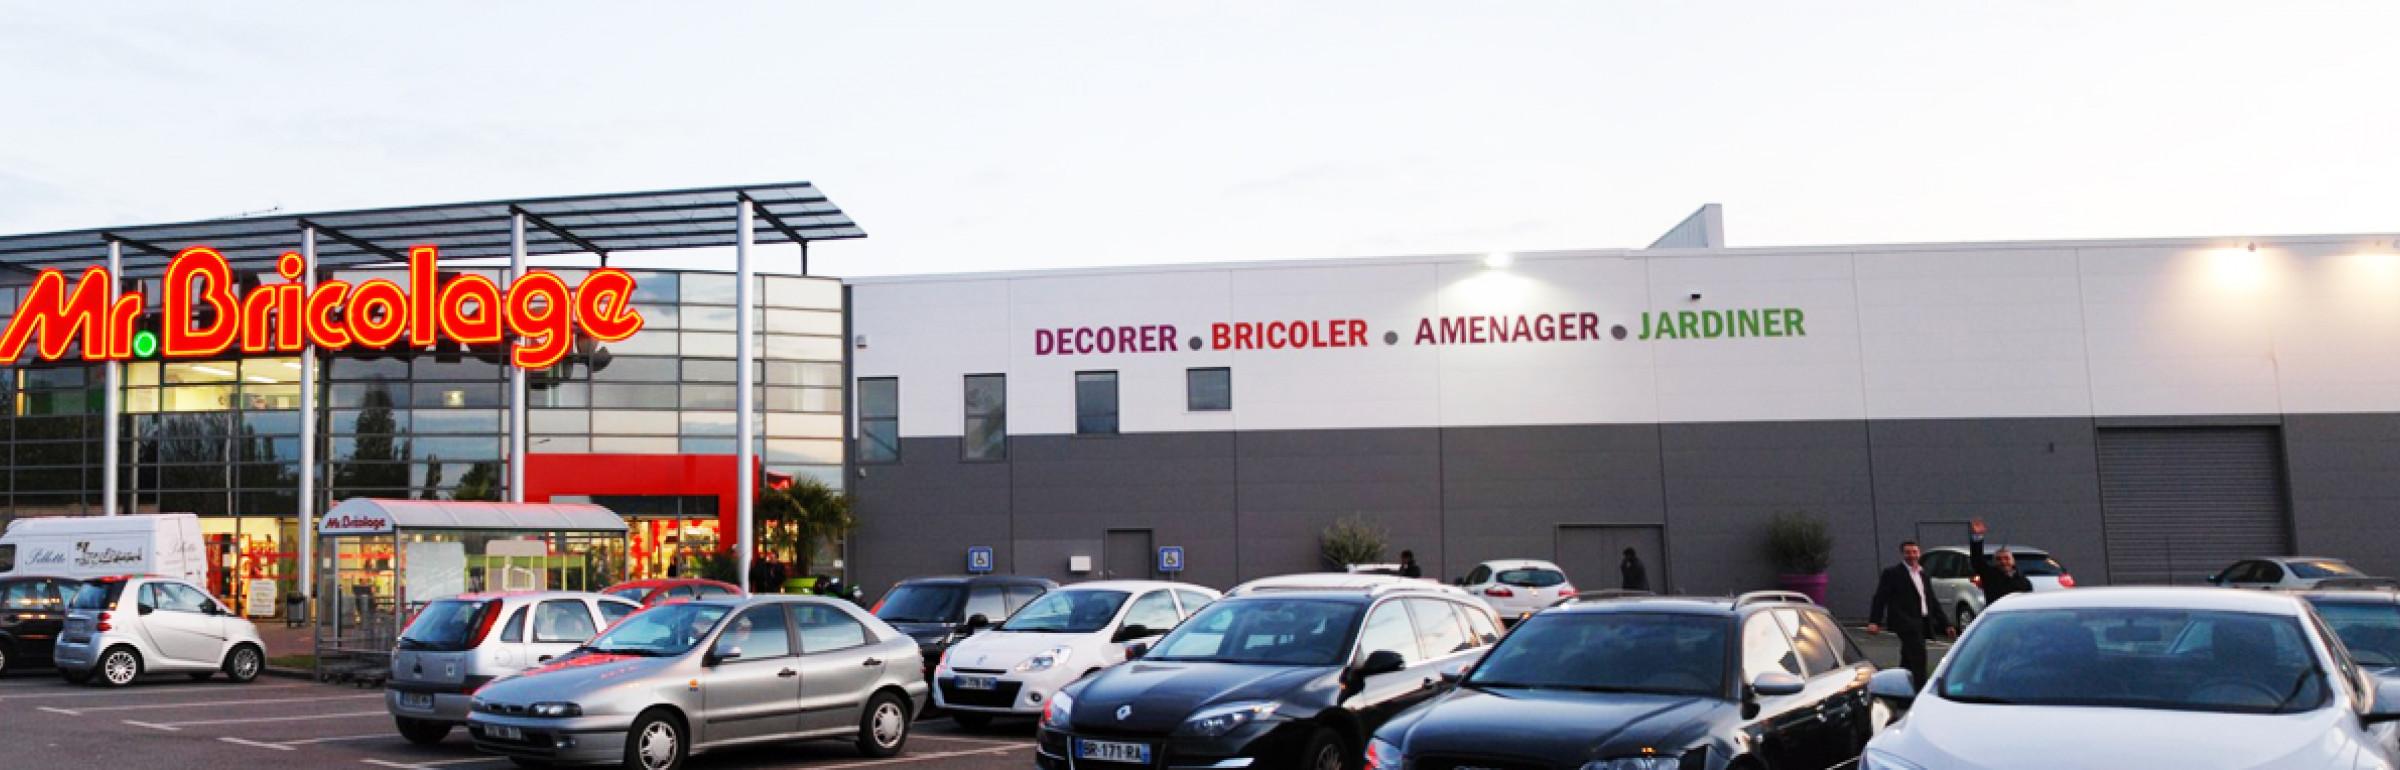 Banner Mr Bricolage